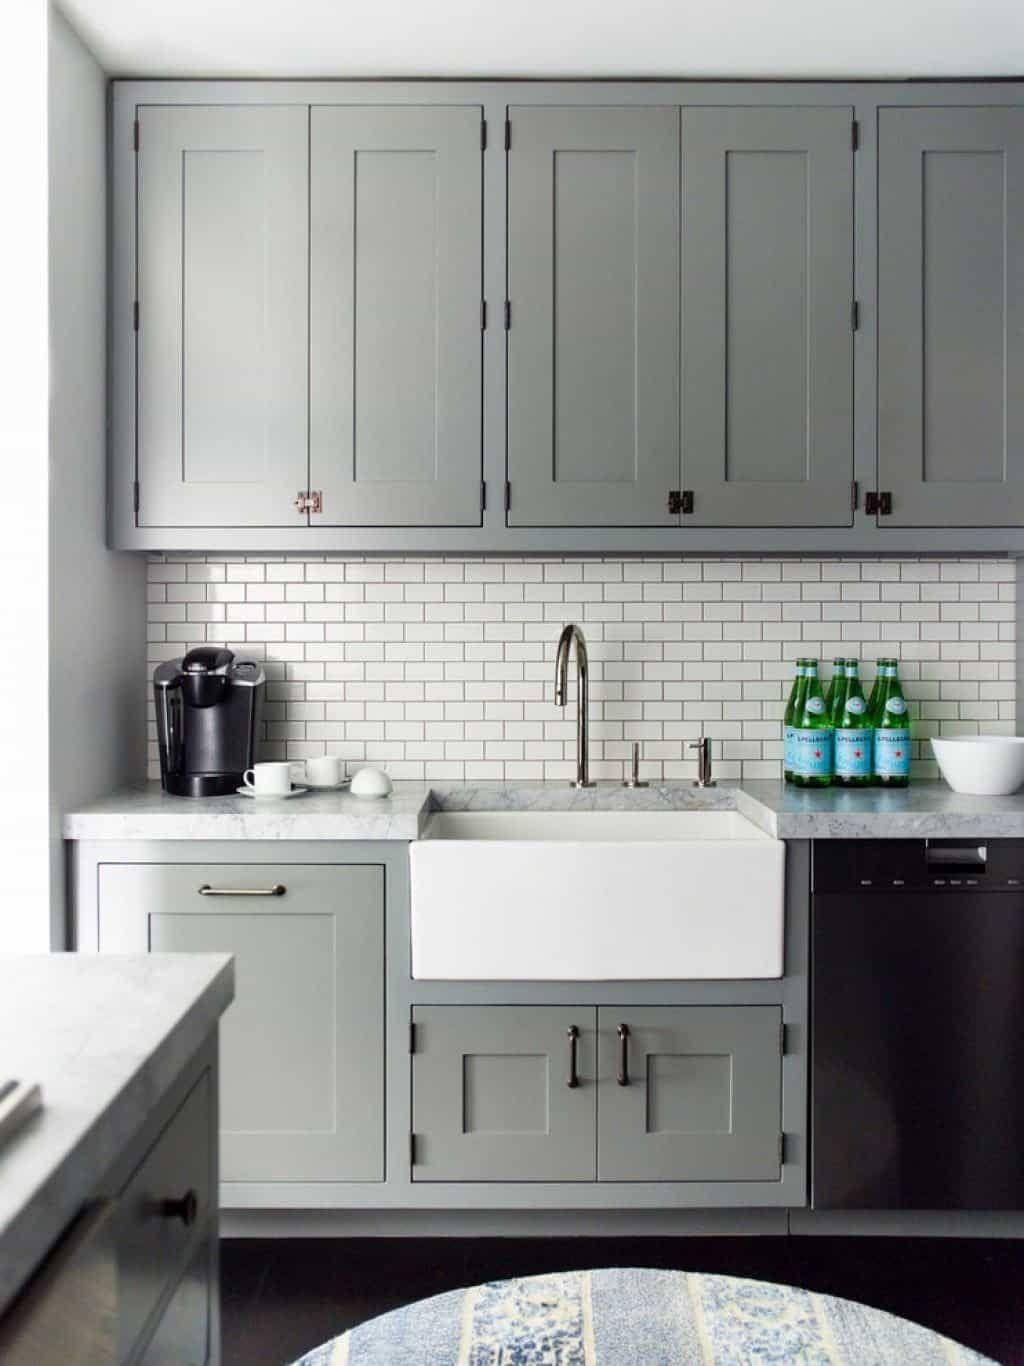 Die Installation Von U Bahn Fliesen Für Ihre Küche Backsplash .